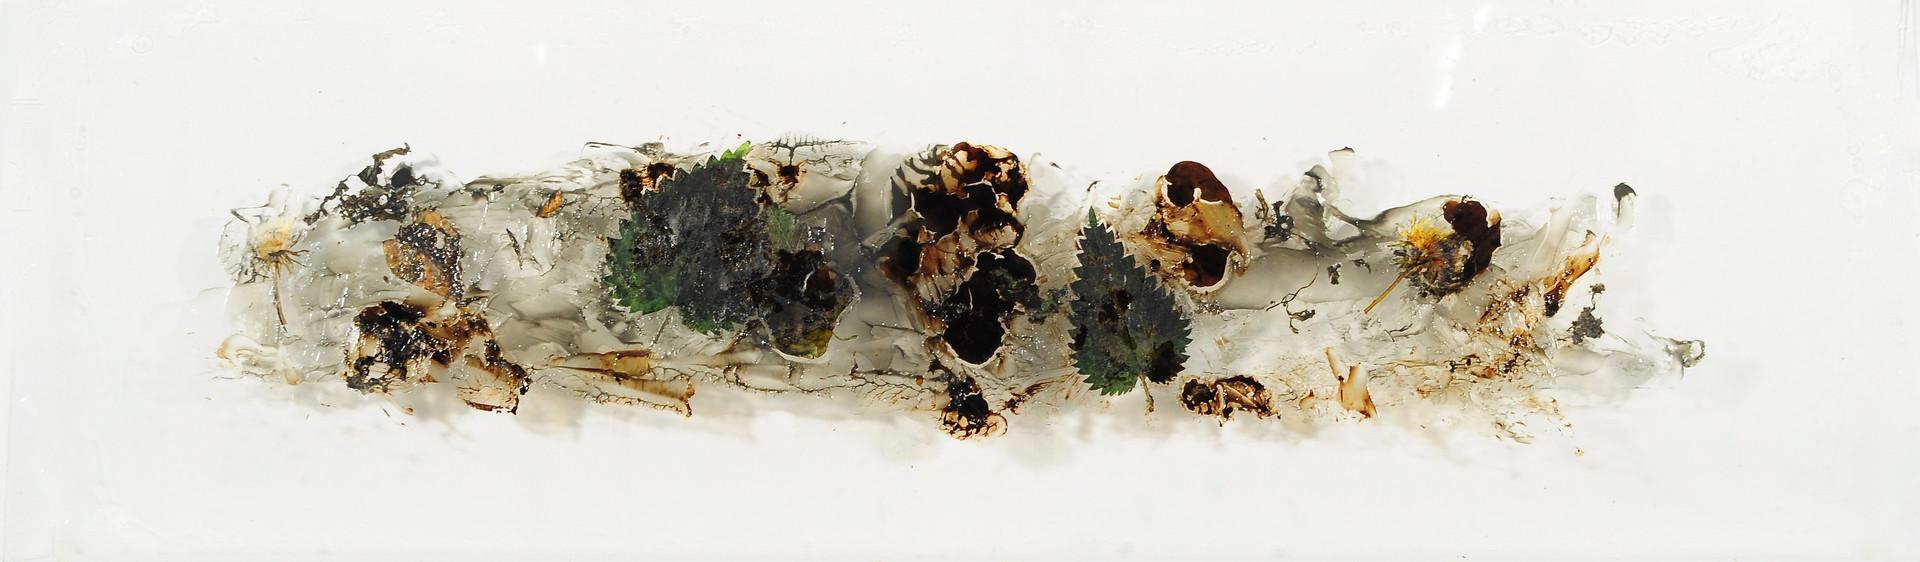 Greasescape (micro) 11, 2011